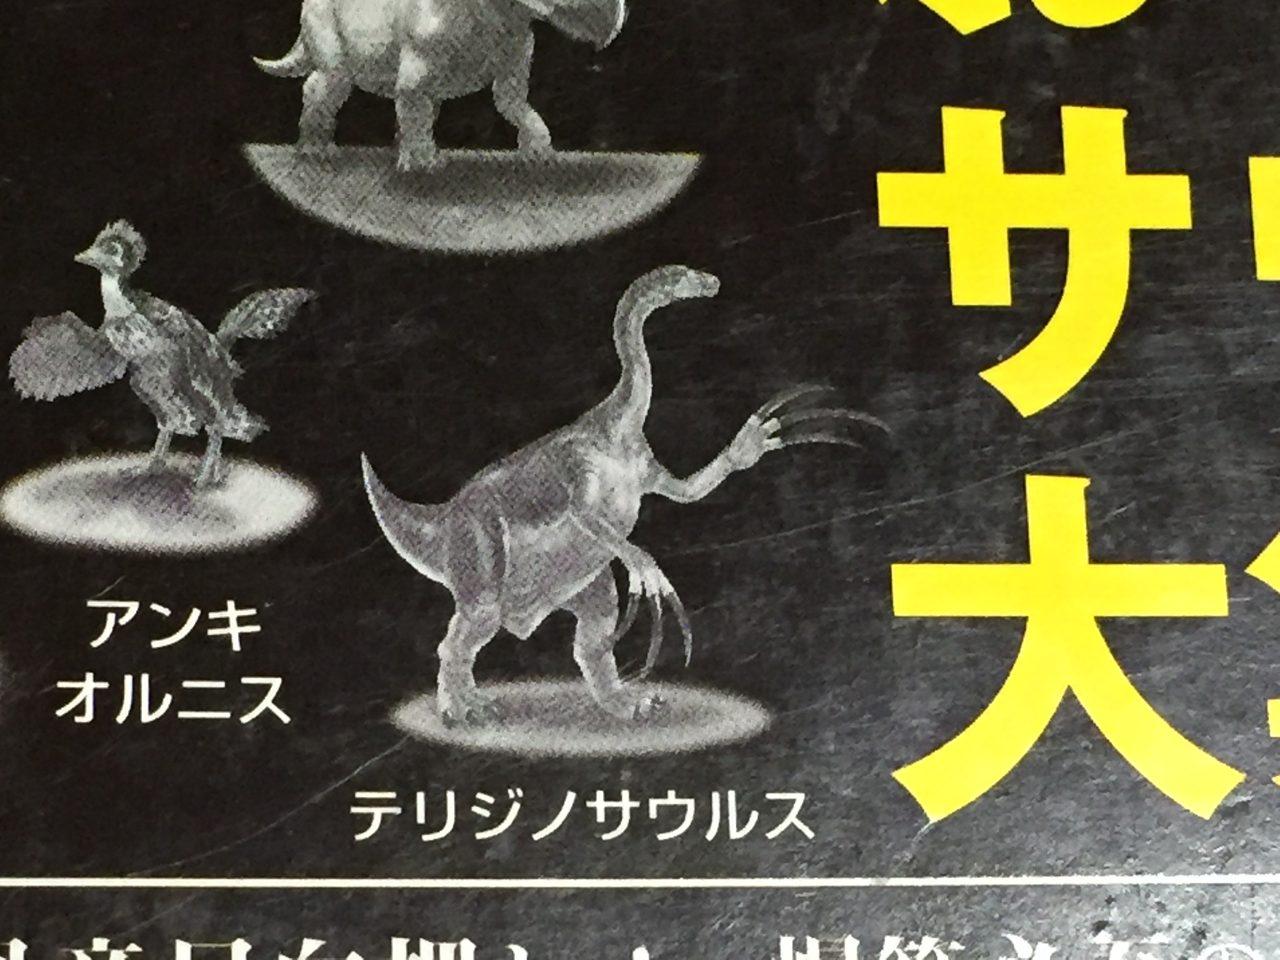 画像: 「へんな恐竜」表紙の一部